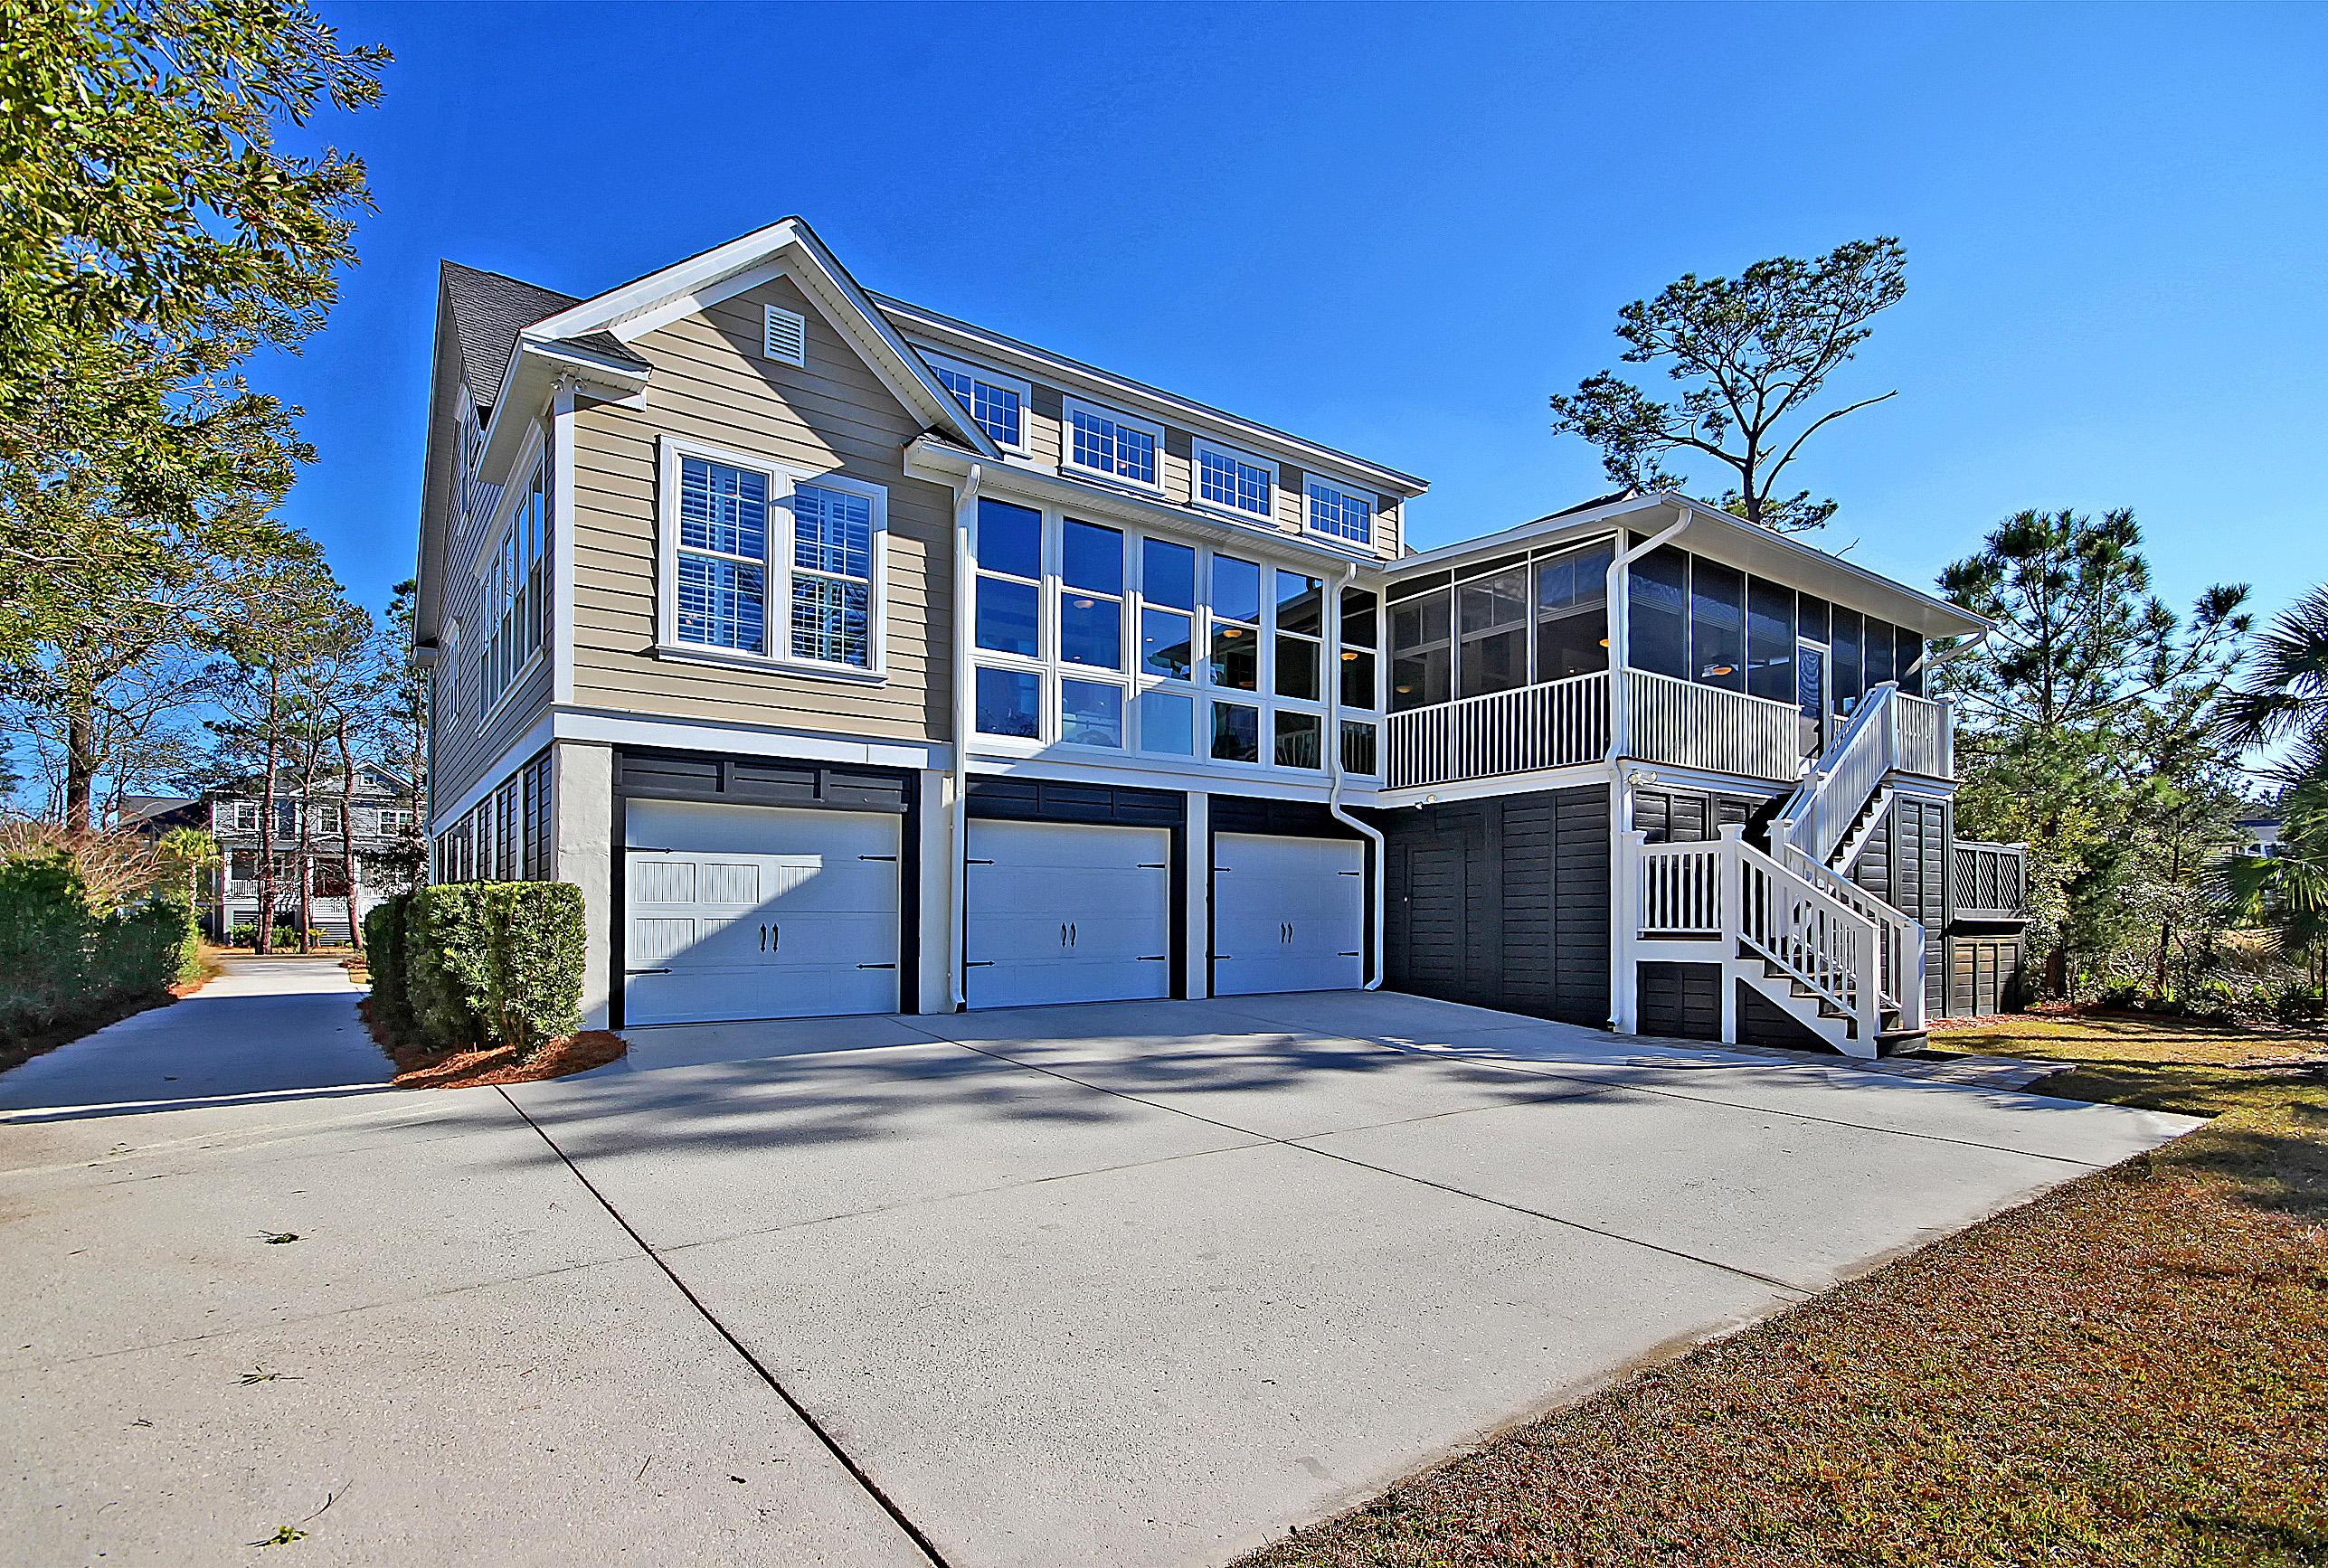 Dunes West Homes For Sale - 2721 Fountainhead, Mount Pleasant, SC - 66